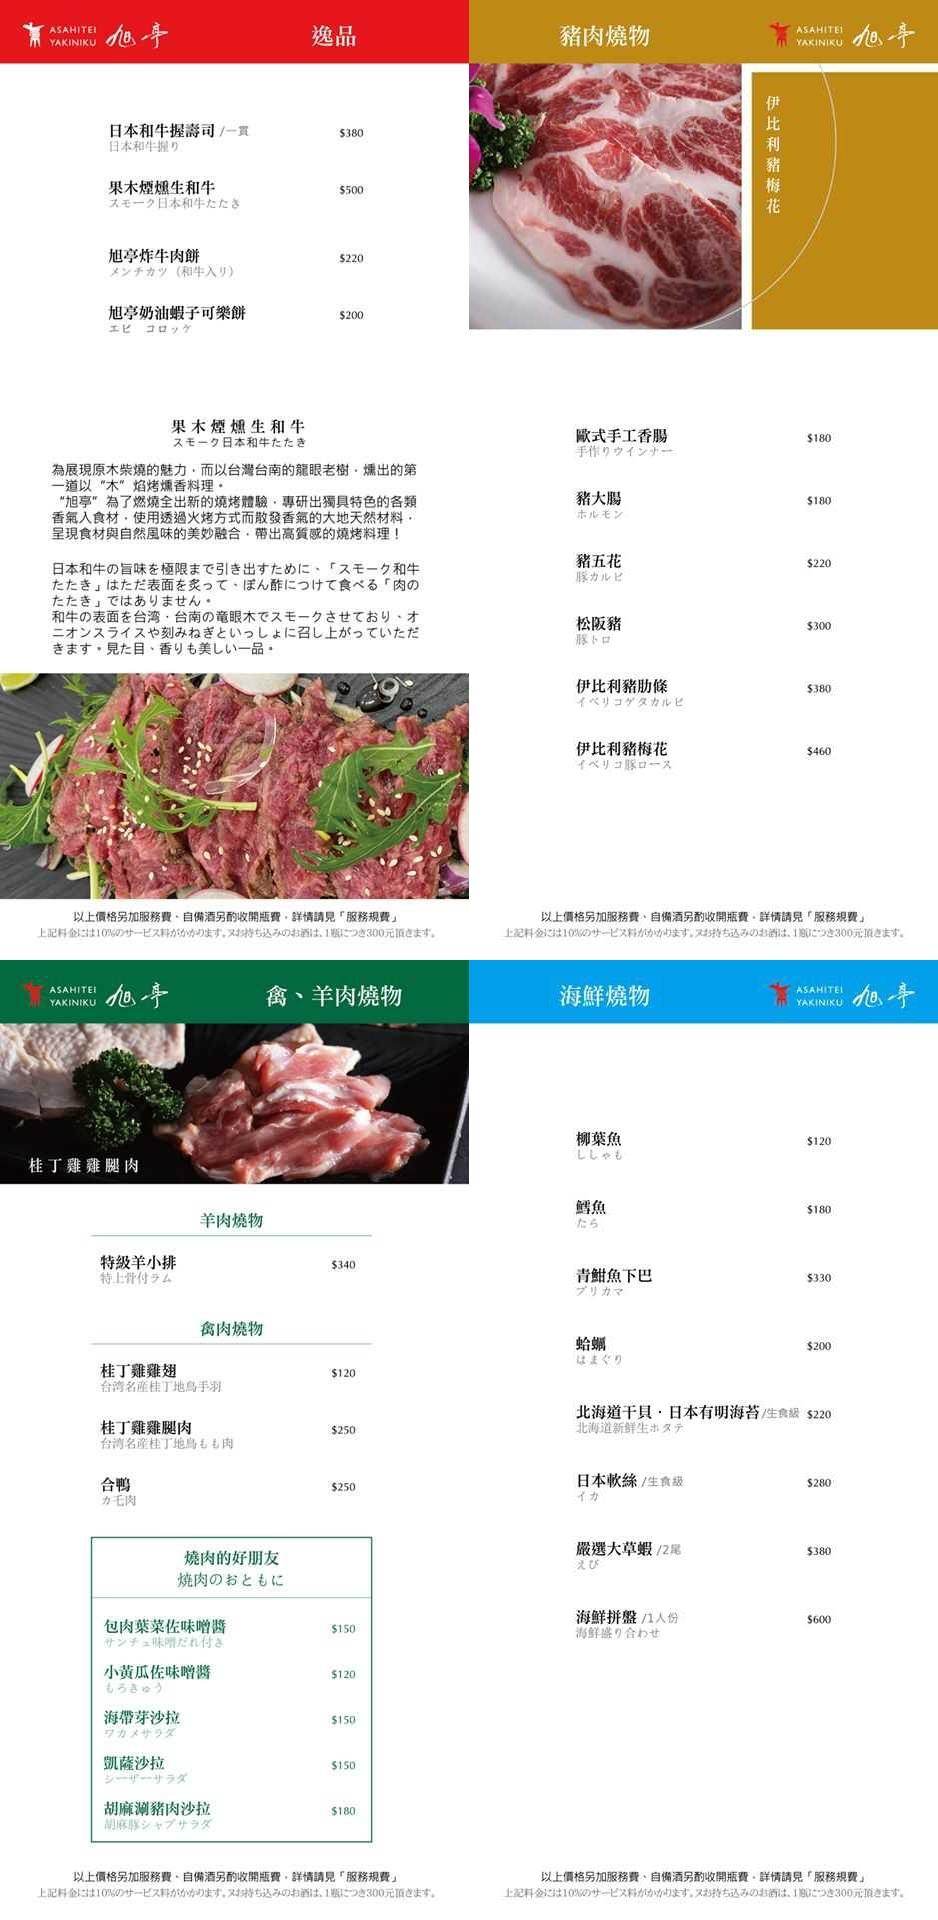 【台中西區】旭亭燒肉:隱身精明商圈巷弄裡的燒肉店,品嚐日本職人的燒肉美學 @飛天璇的口袋